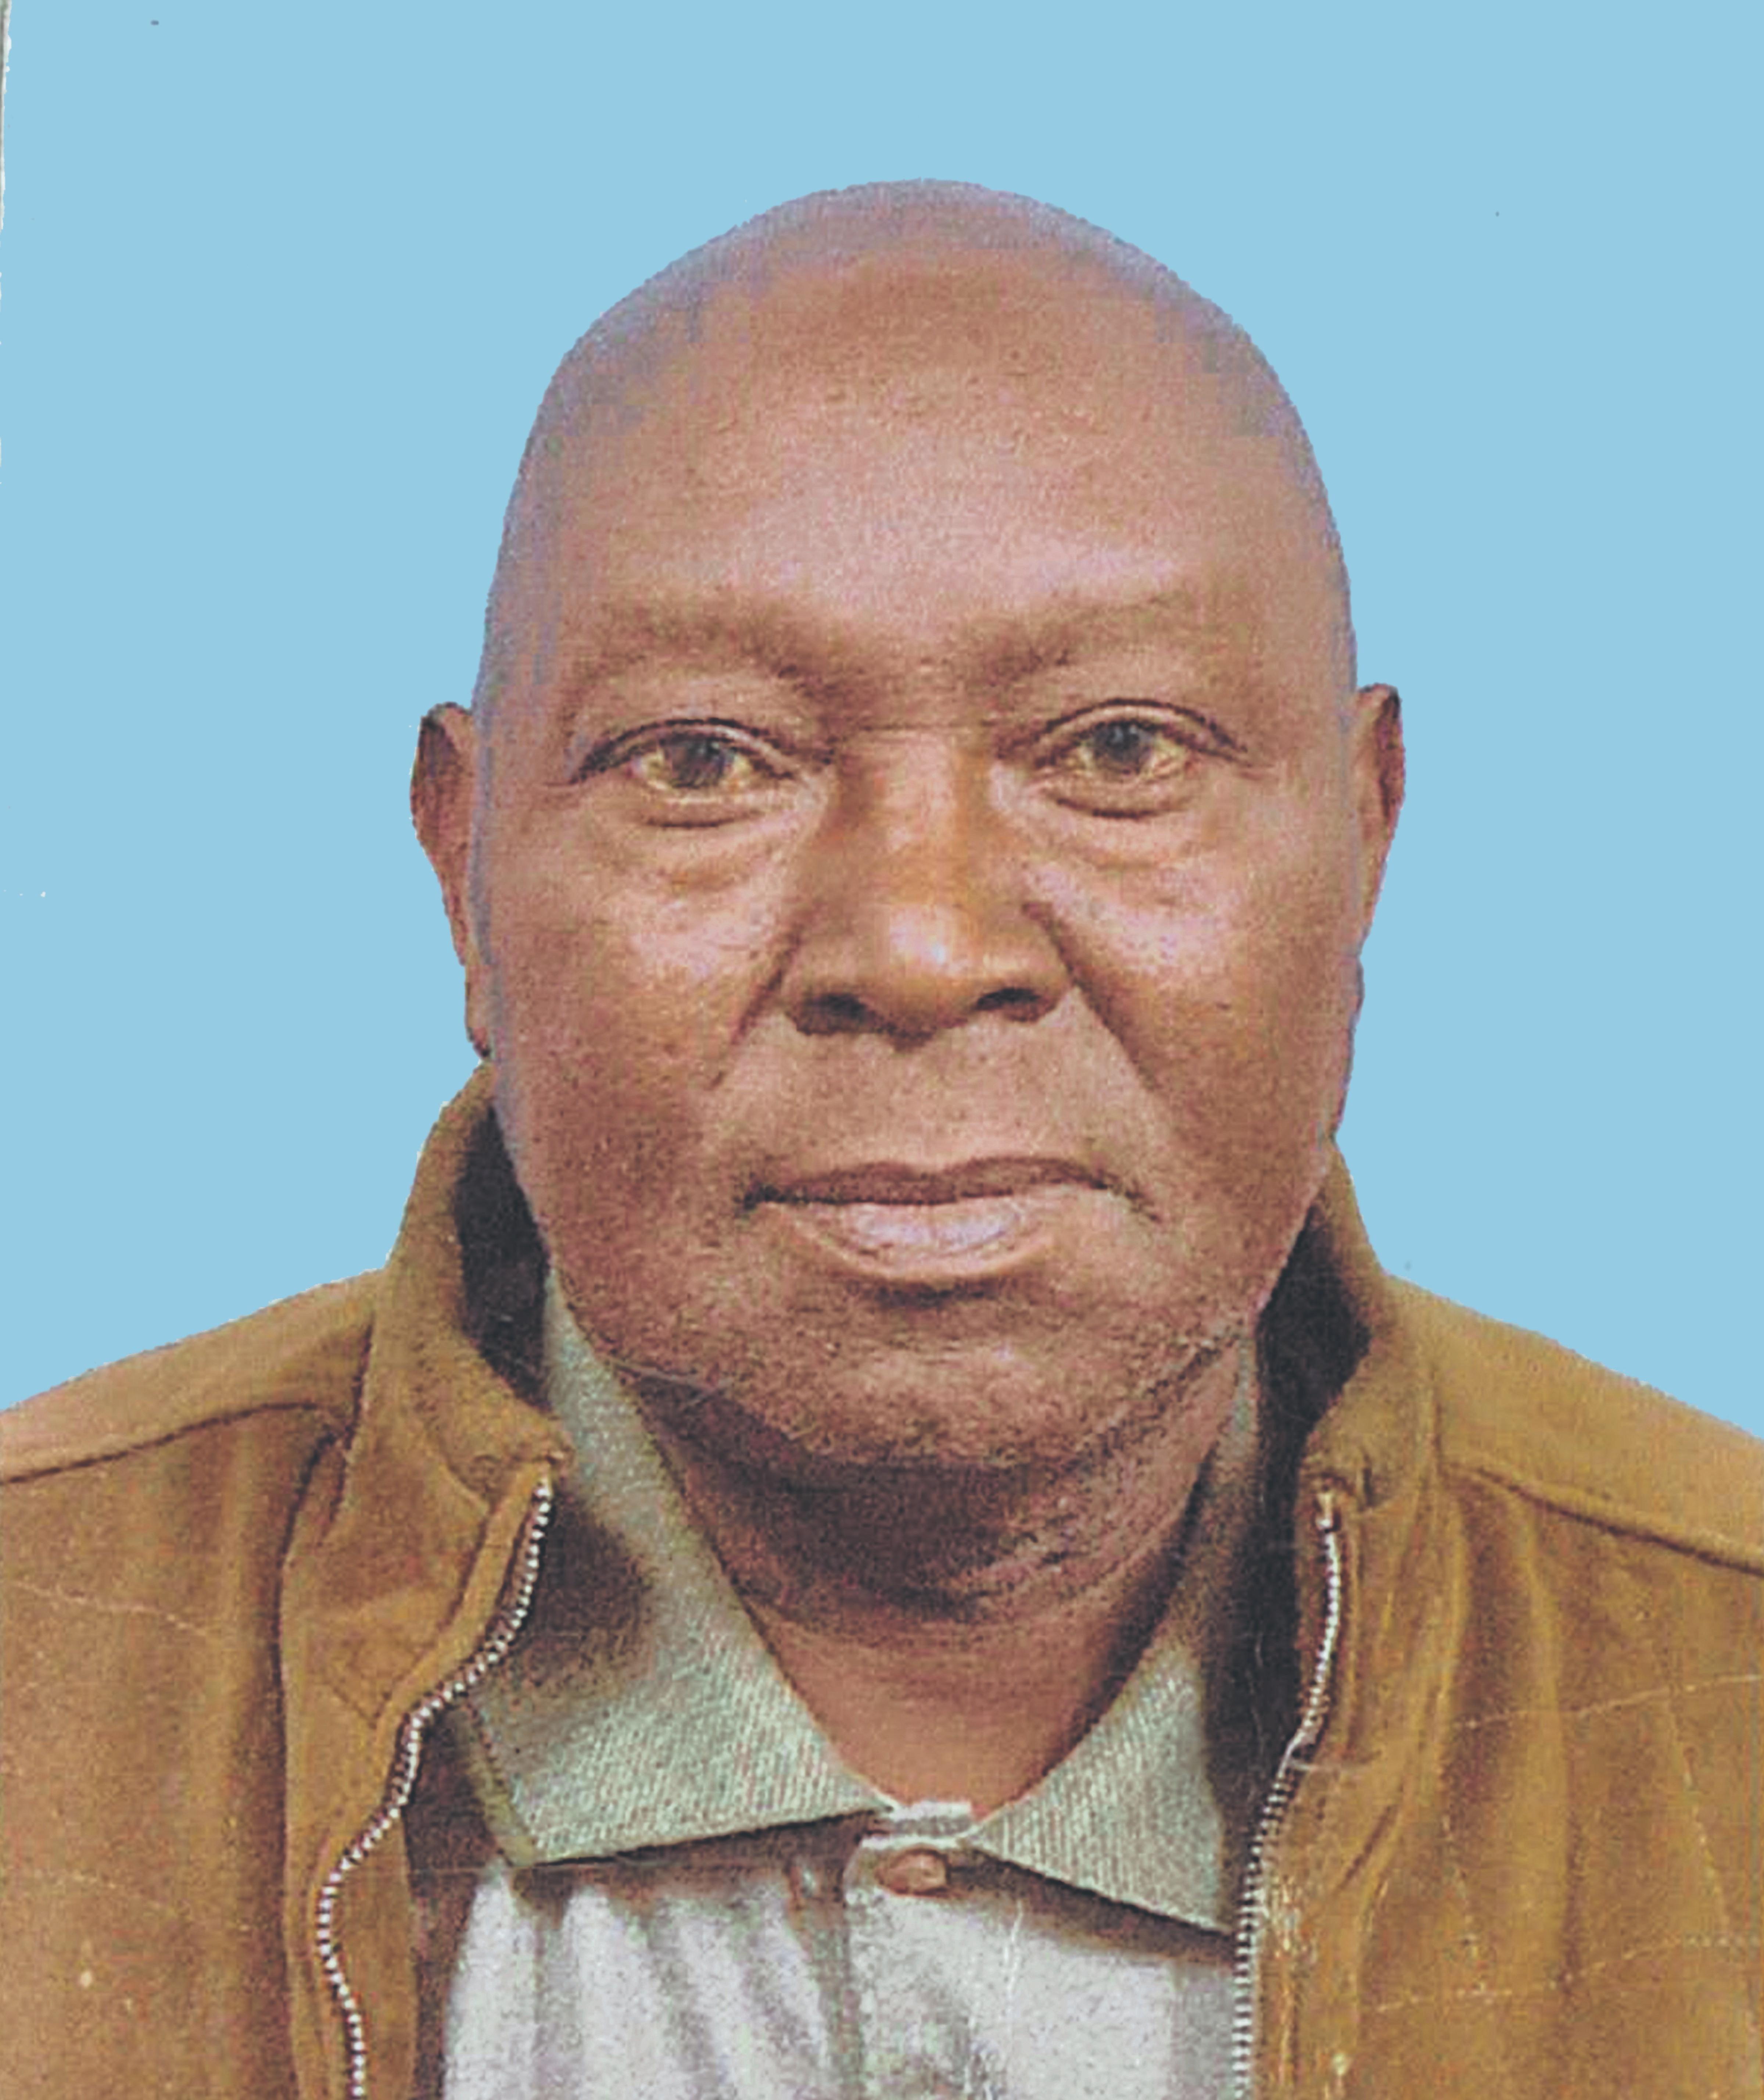 Peter Njuguna Wamathu